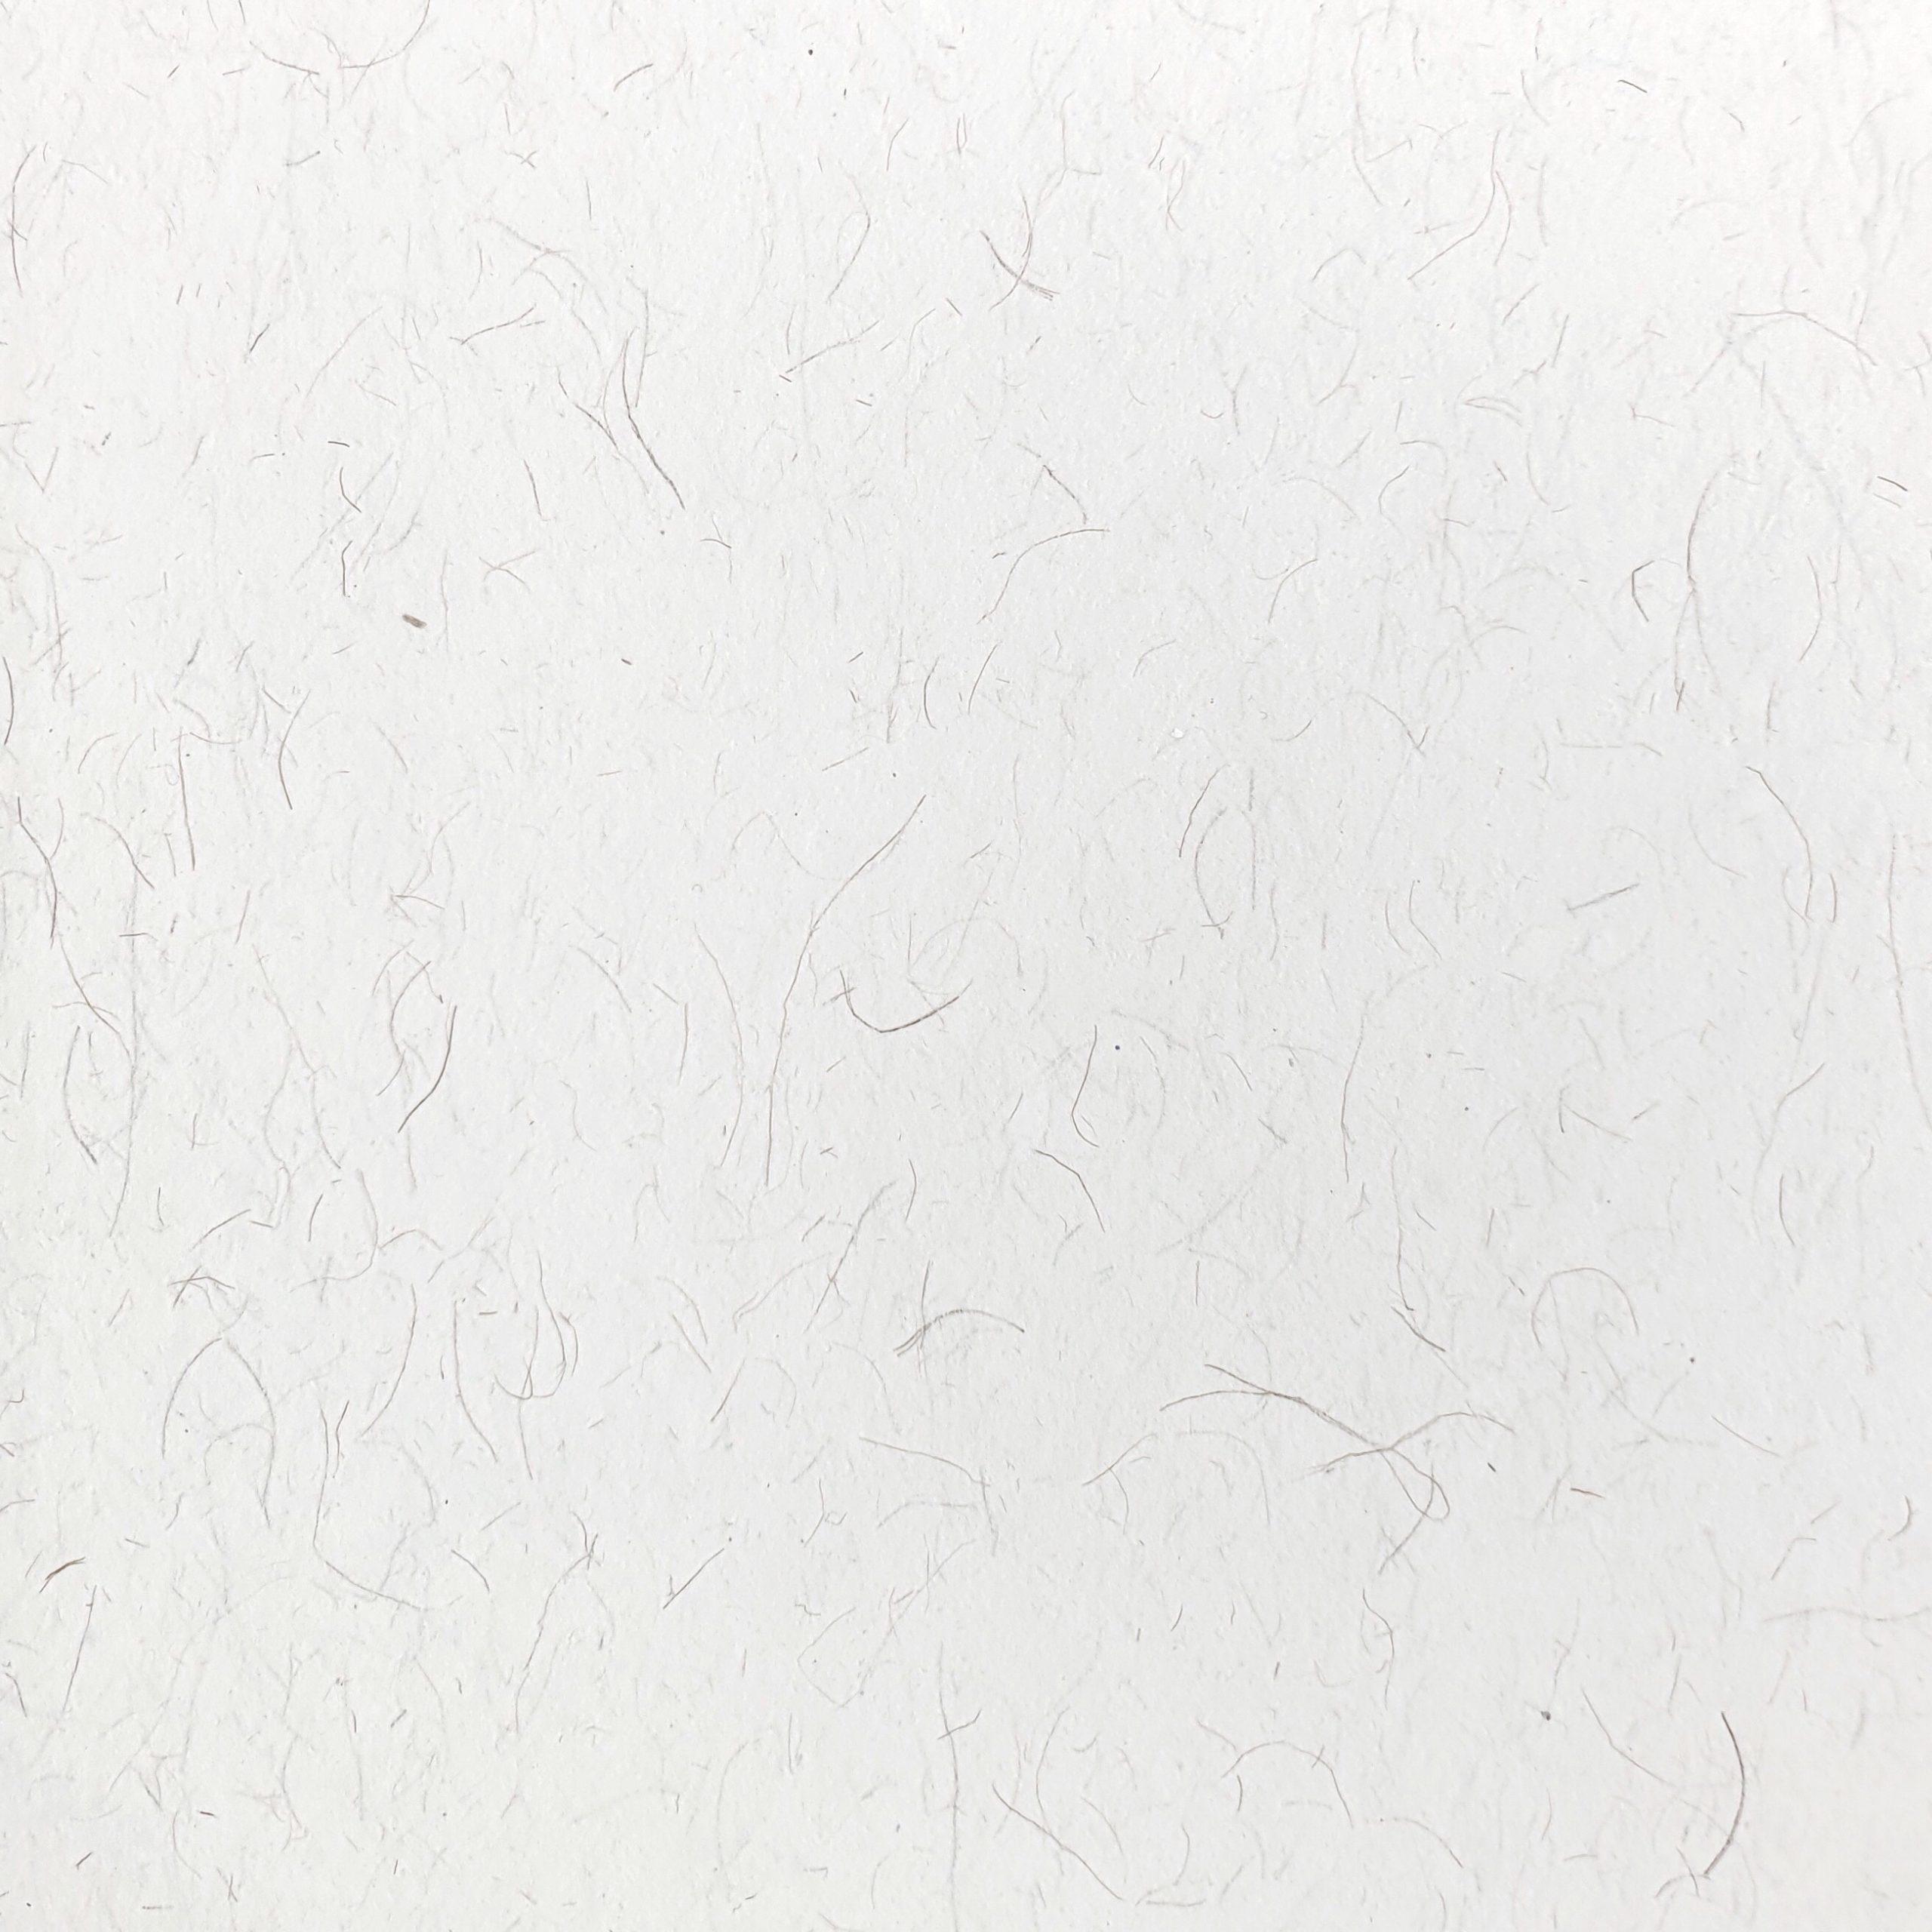 papel ecologico de yute